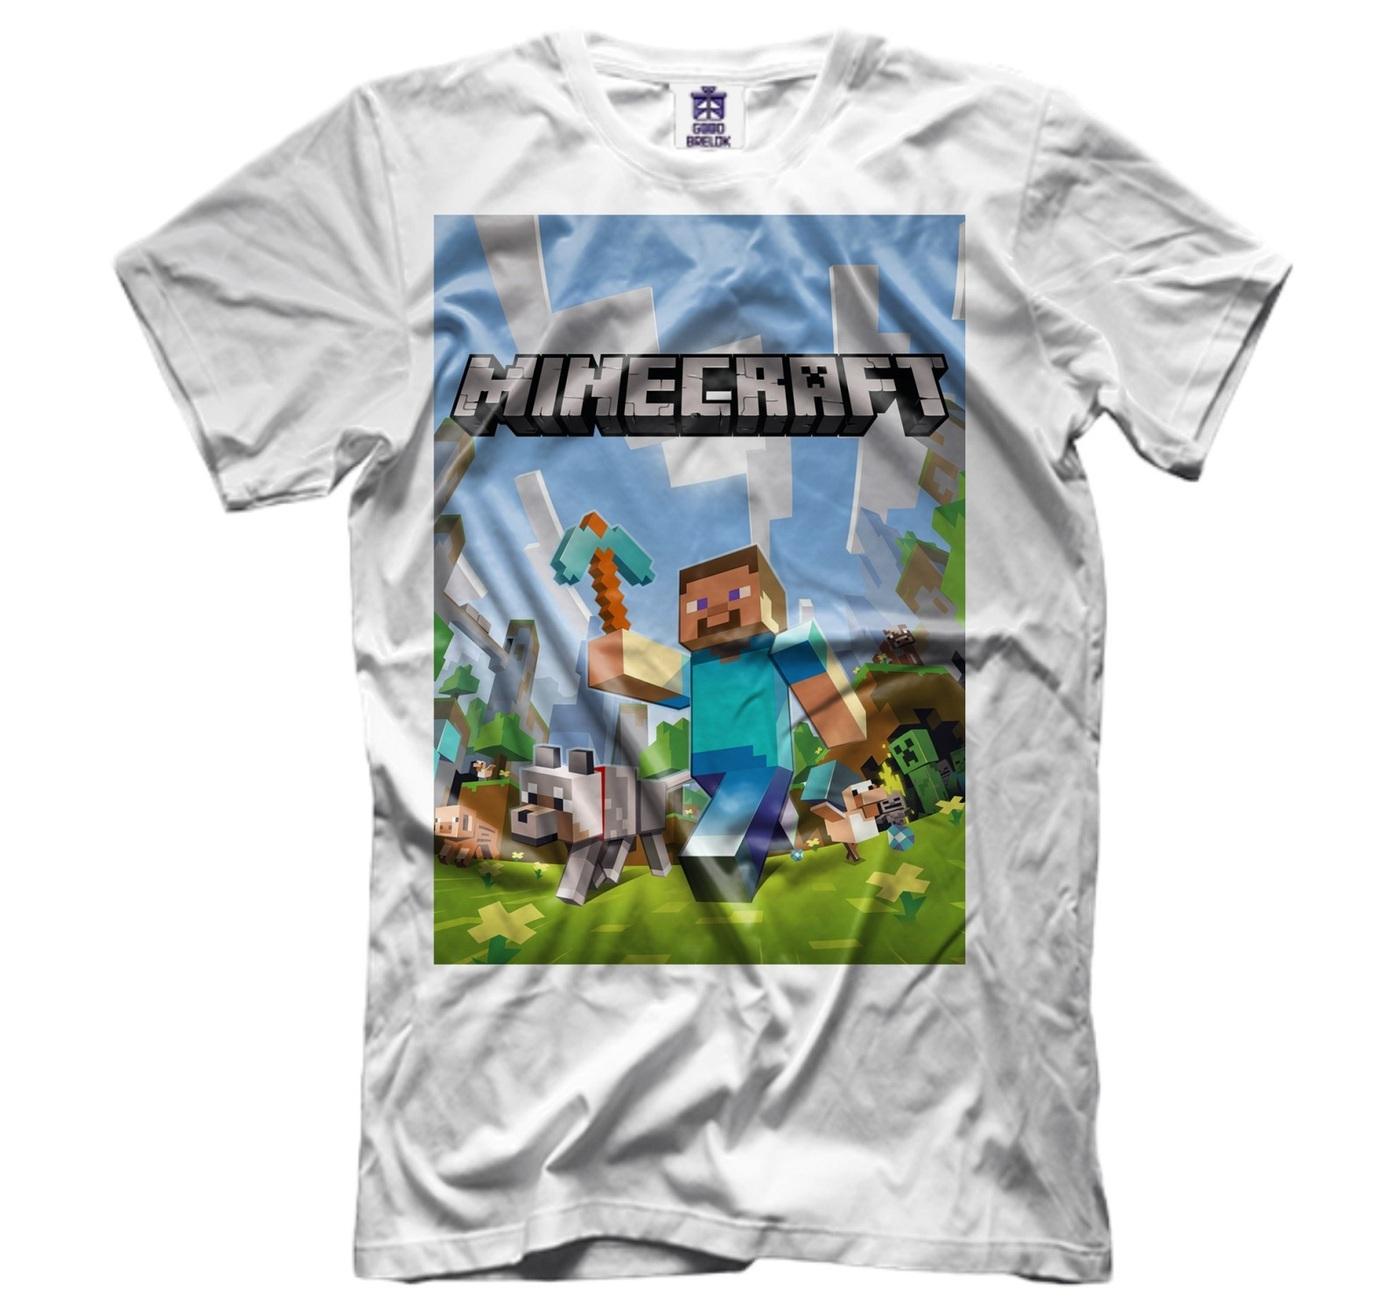 озон футболки с майнкрафт #1